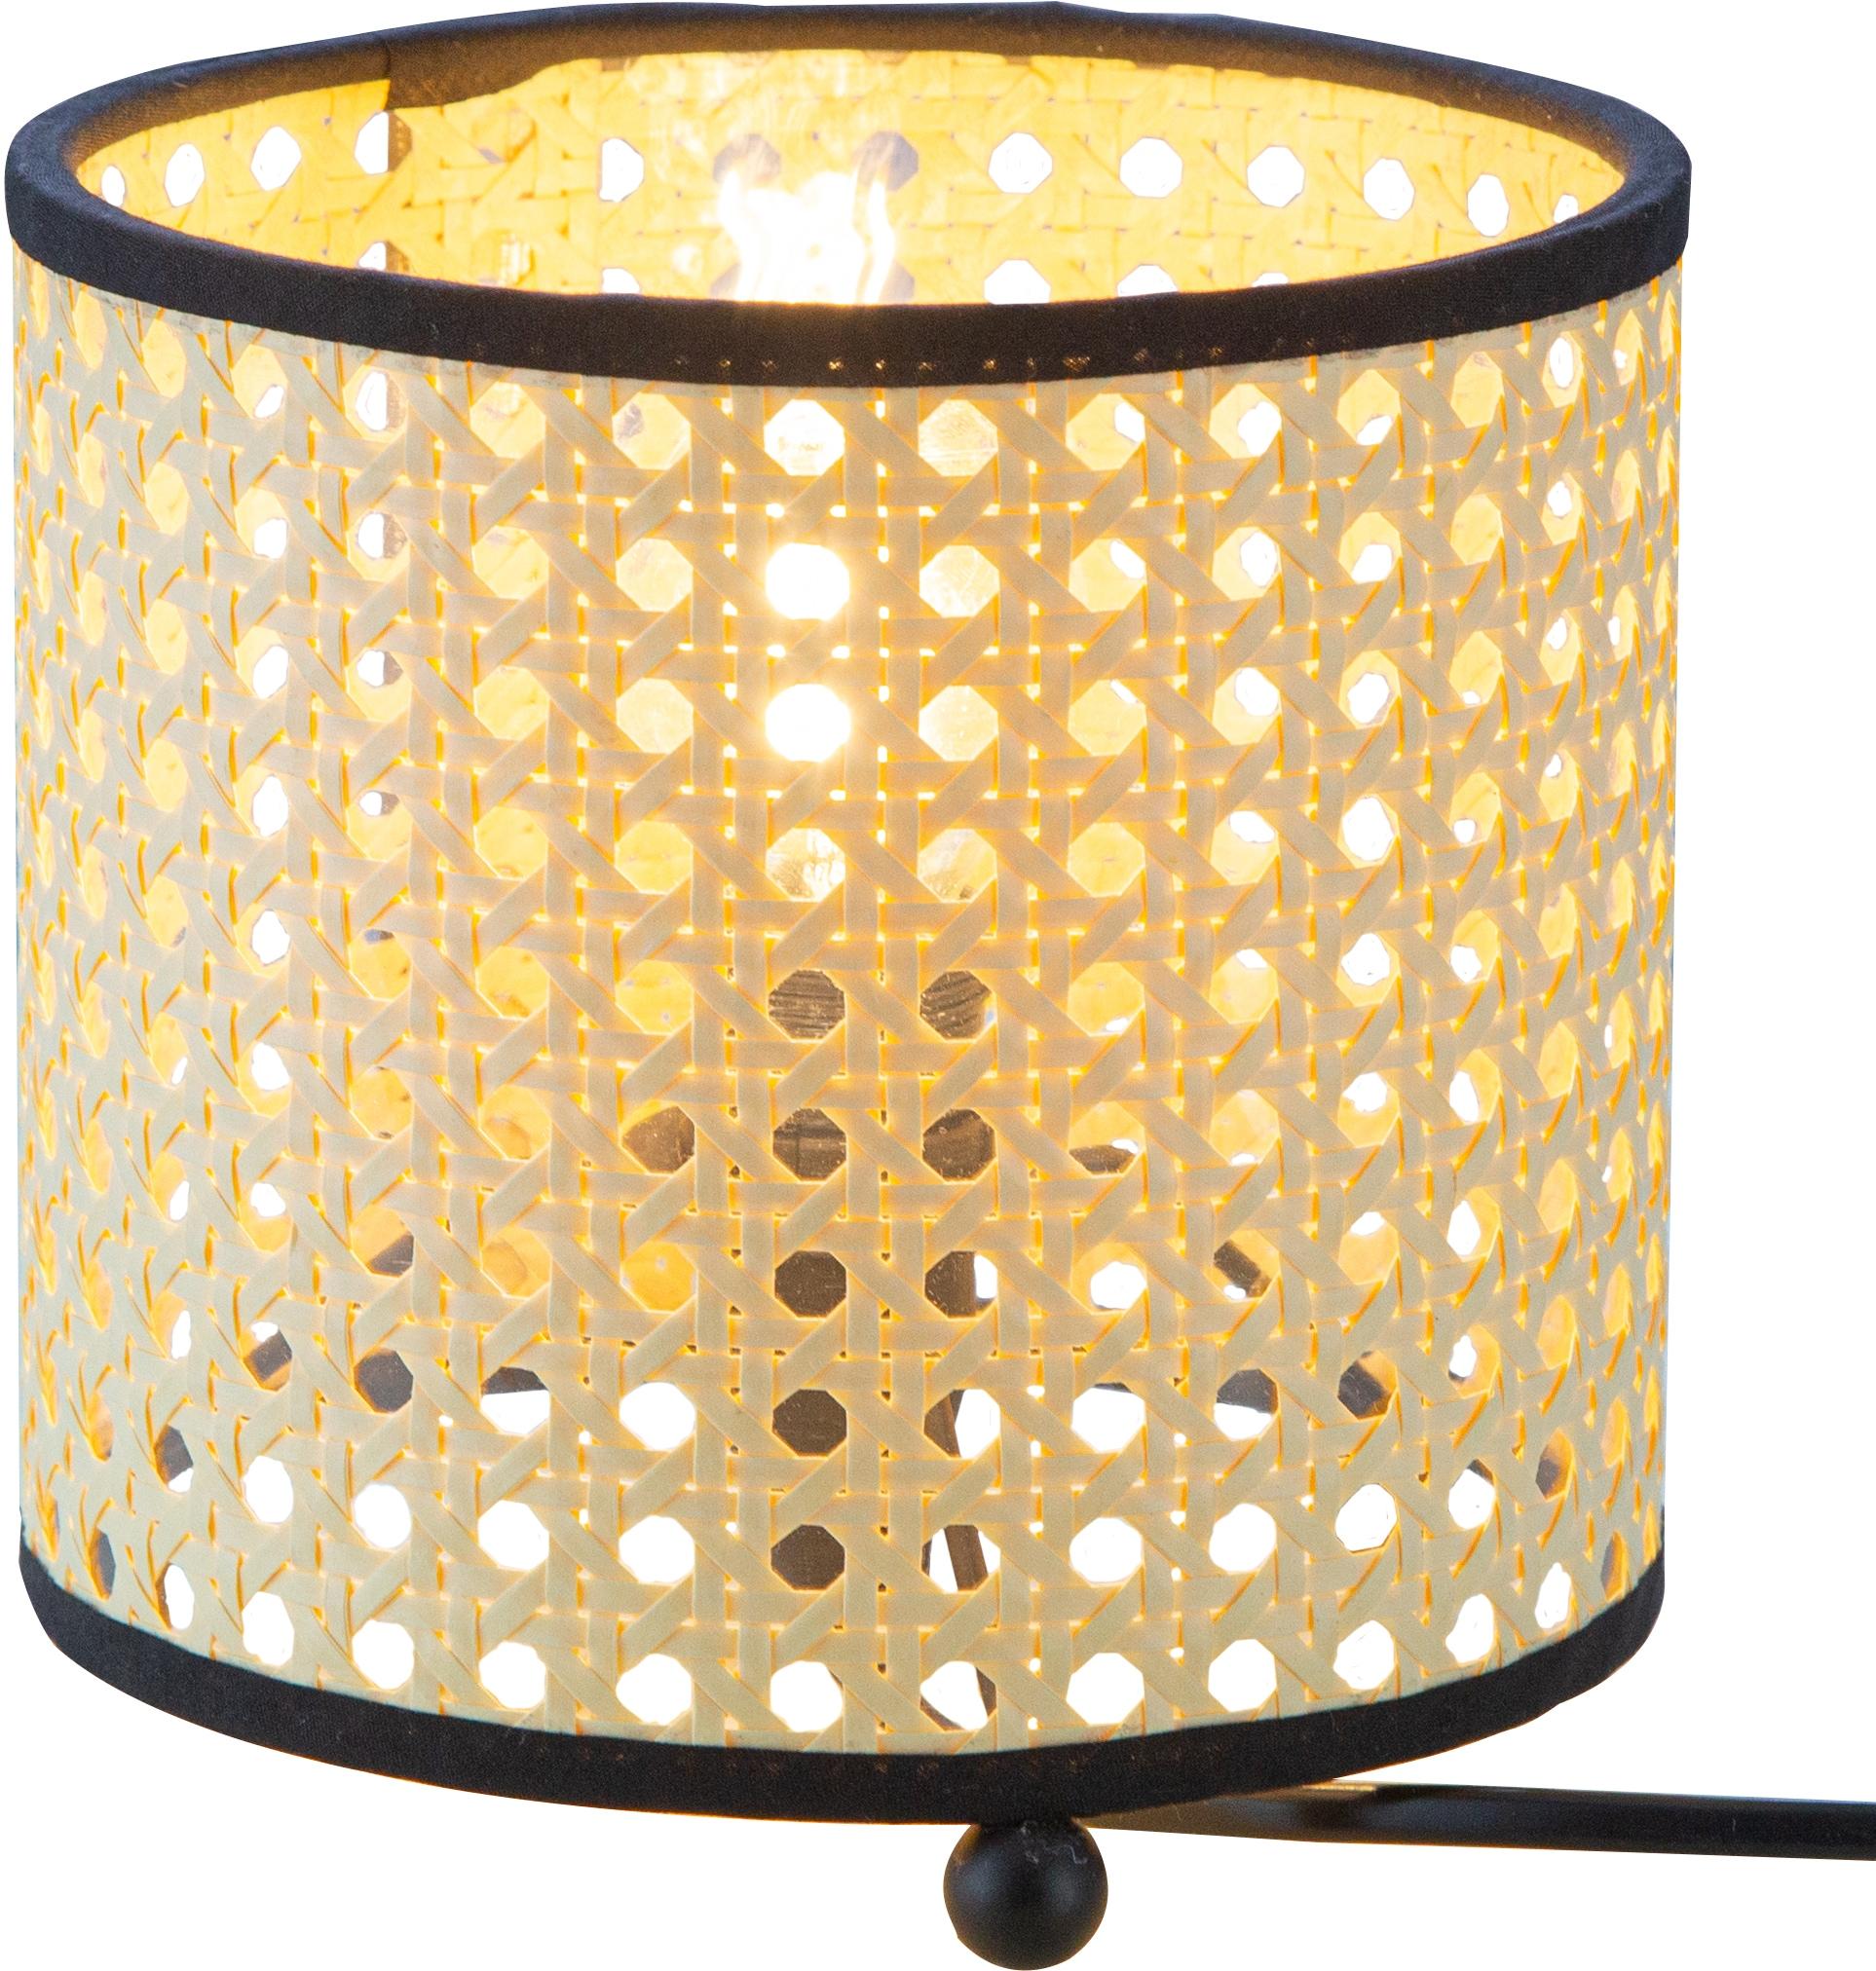 Nino Leuchten Tischleuchte LU, E14, 1 St., Tischlampe, Wiener Geflecht